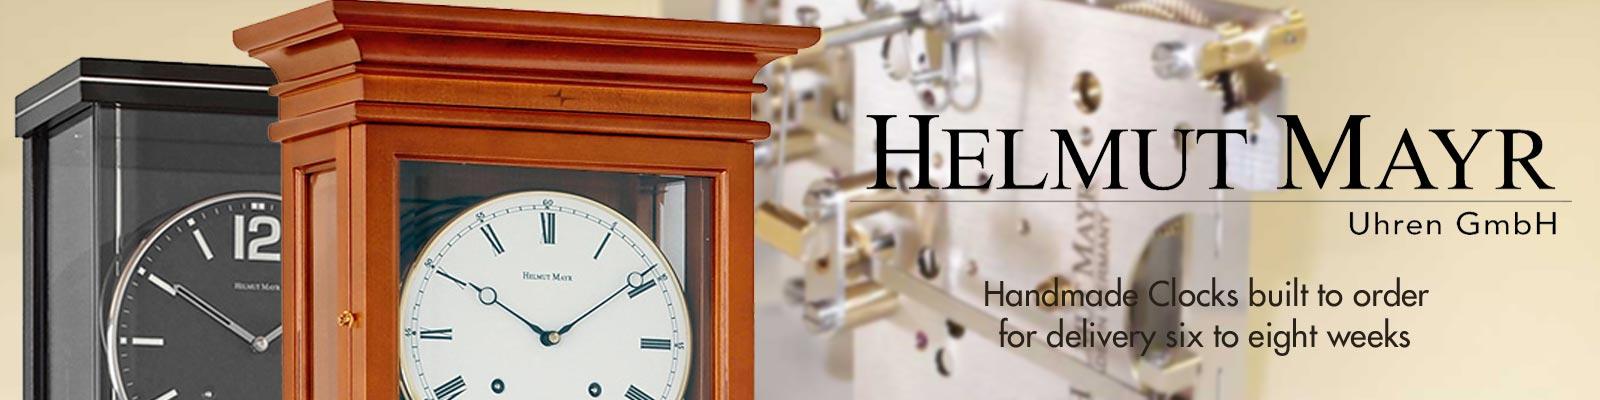 Helmut Mayr handmade clocks